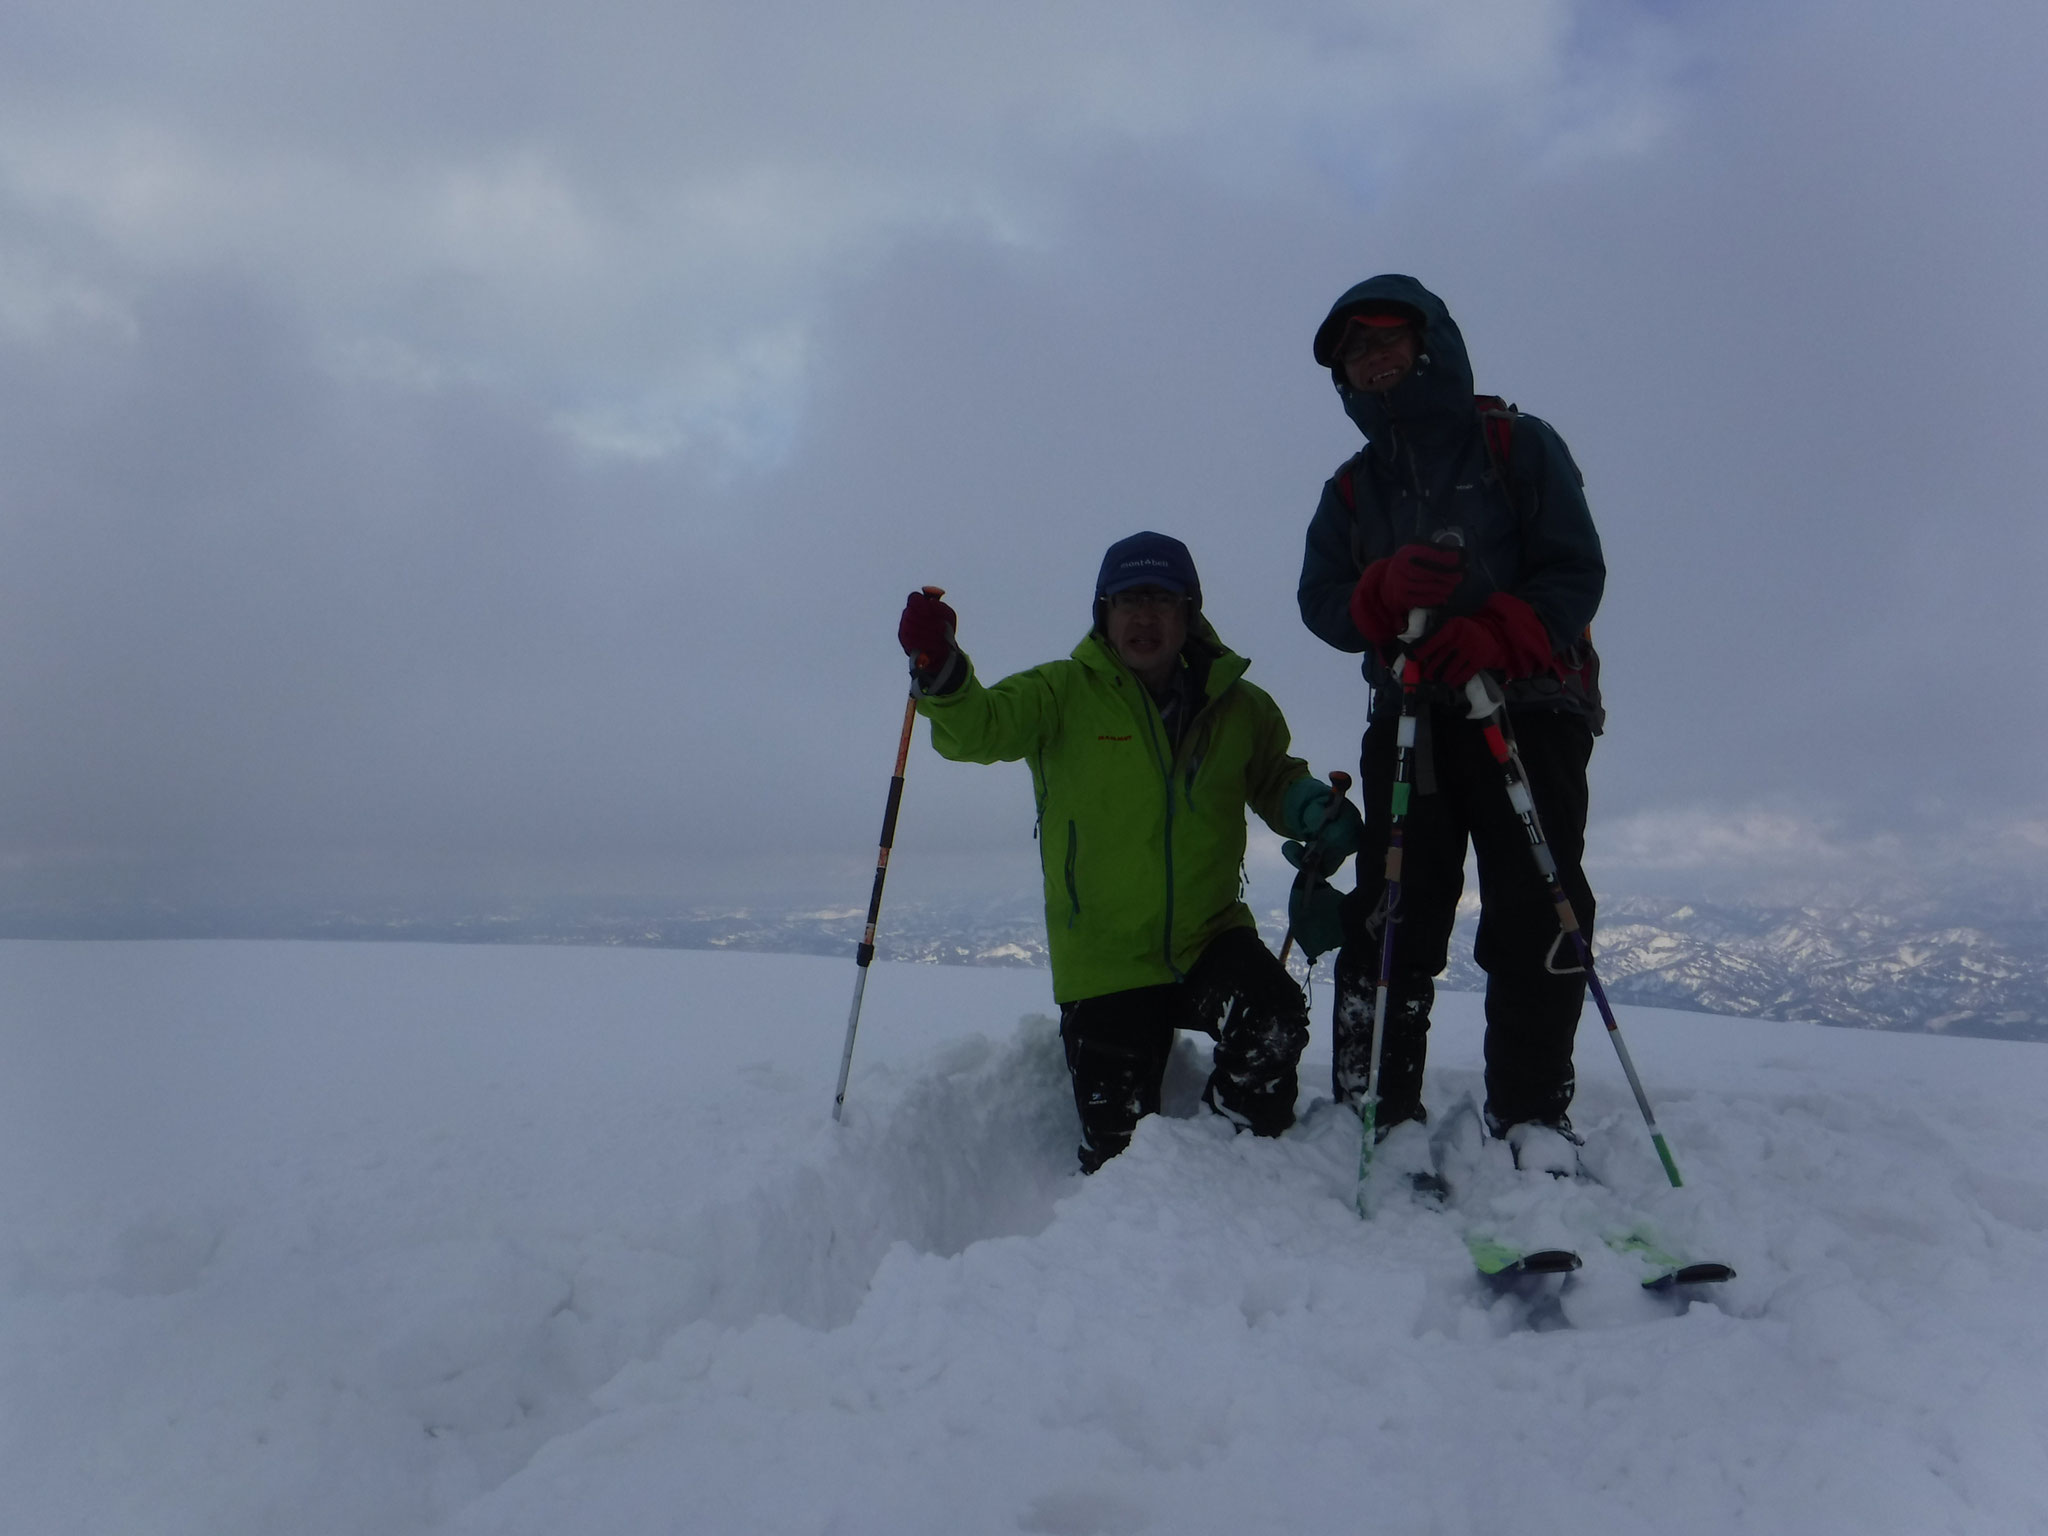 大毛無山頂、スキーを脱ぐと腰まで潜る